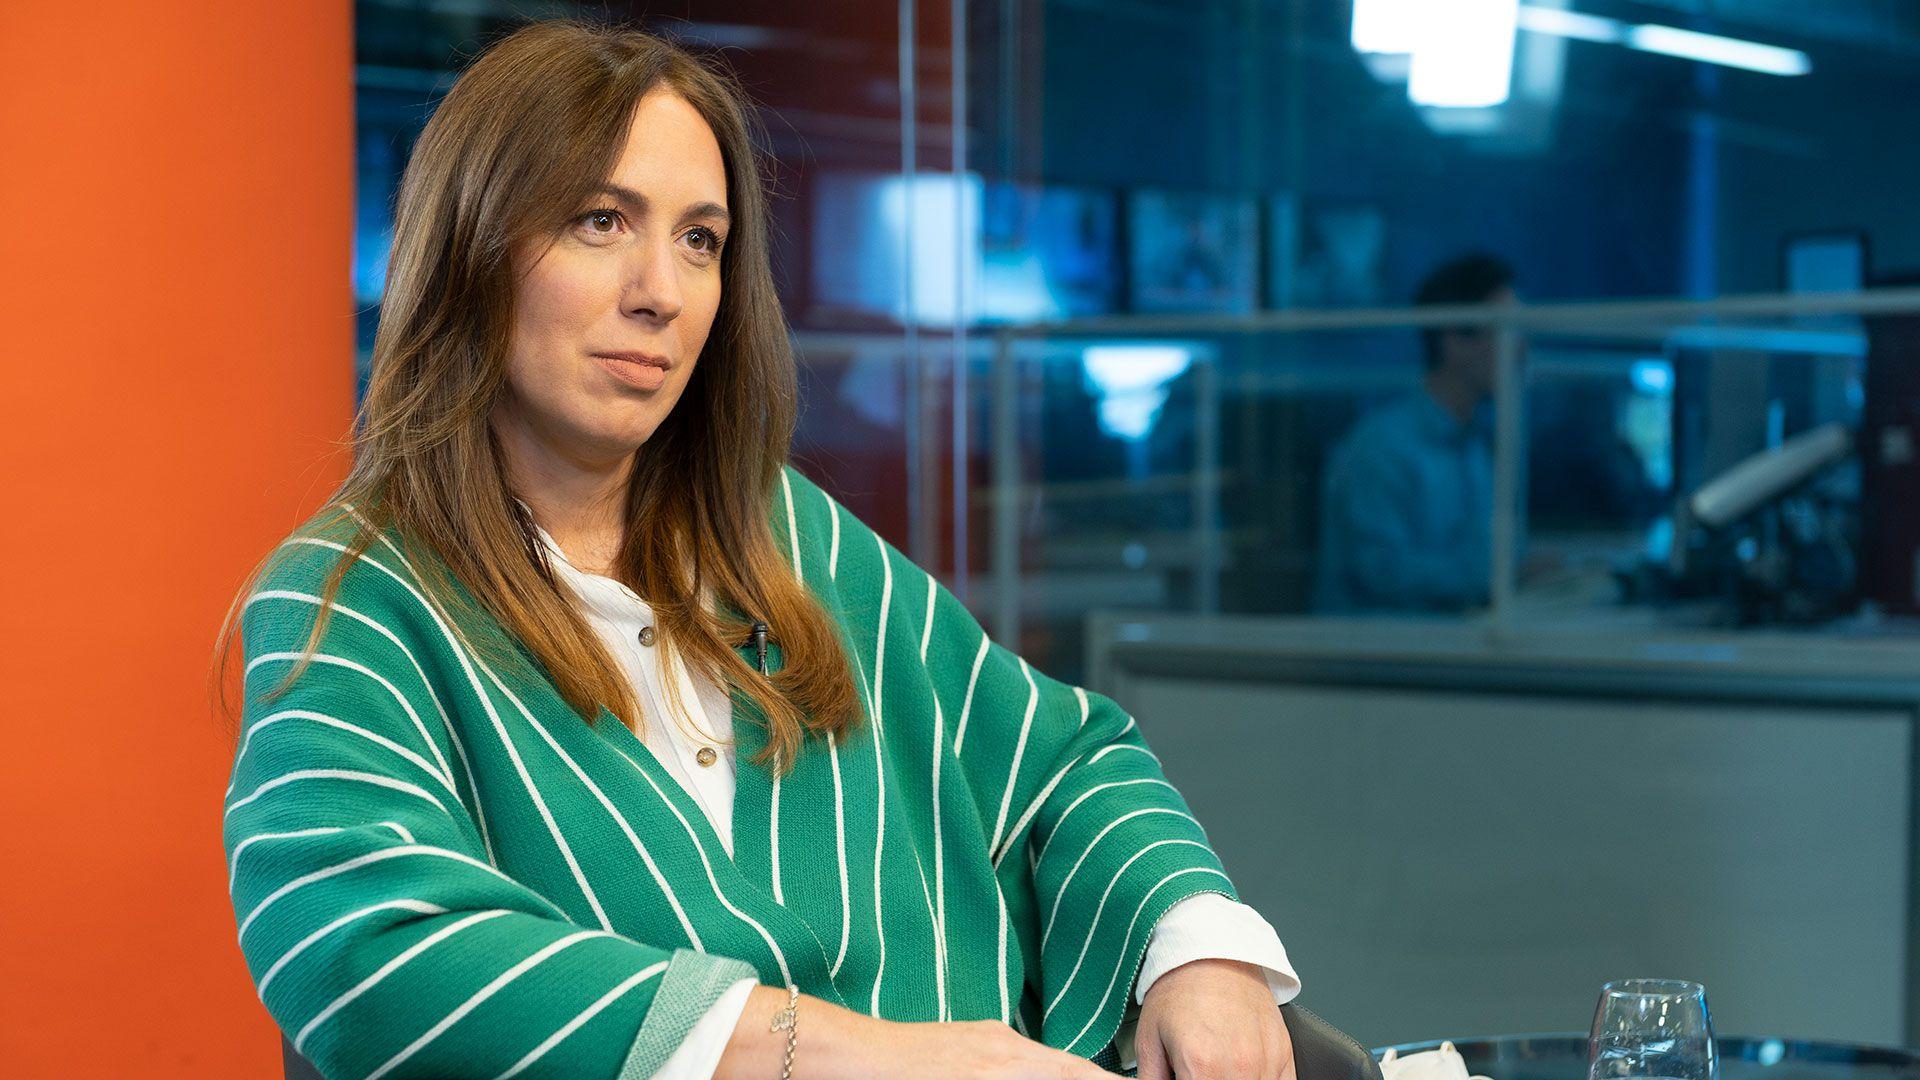 Entrevista Maria Eugenia Vidal Infobae 30 de abril 2021